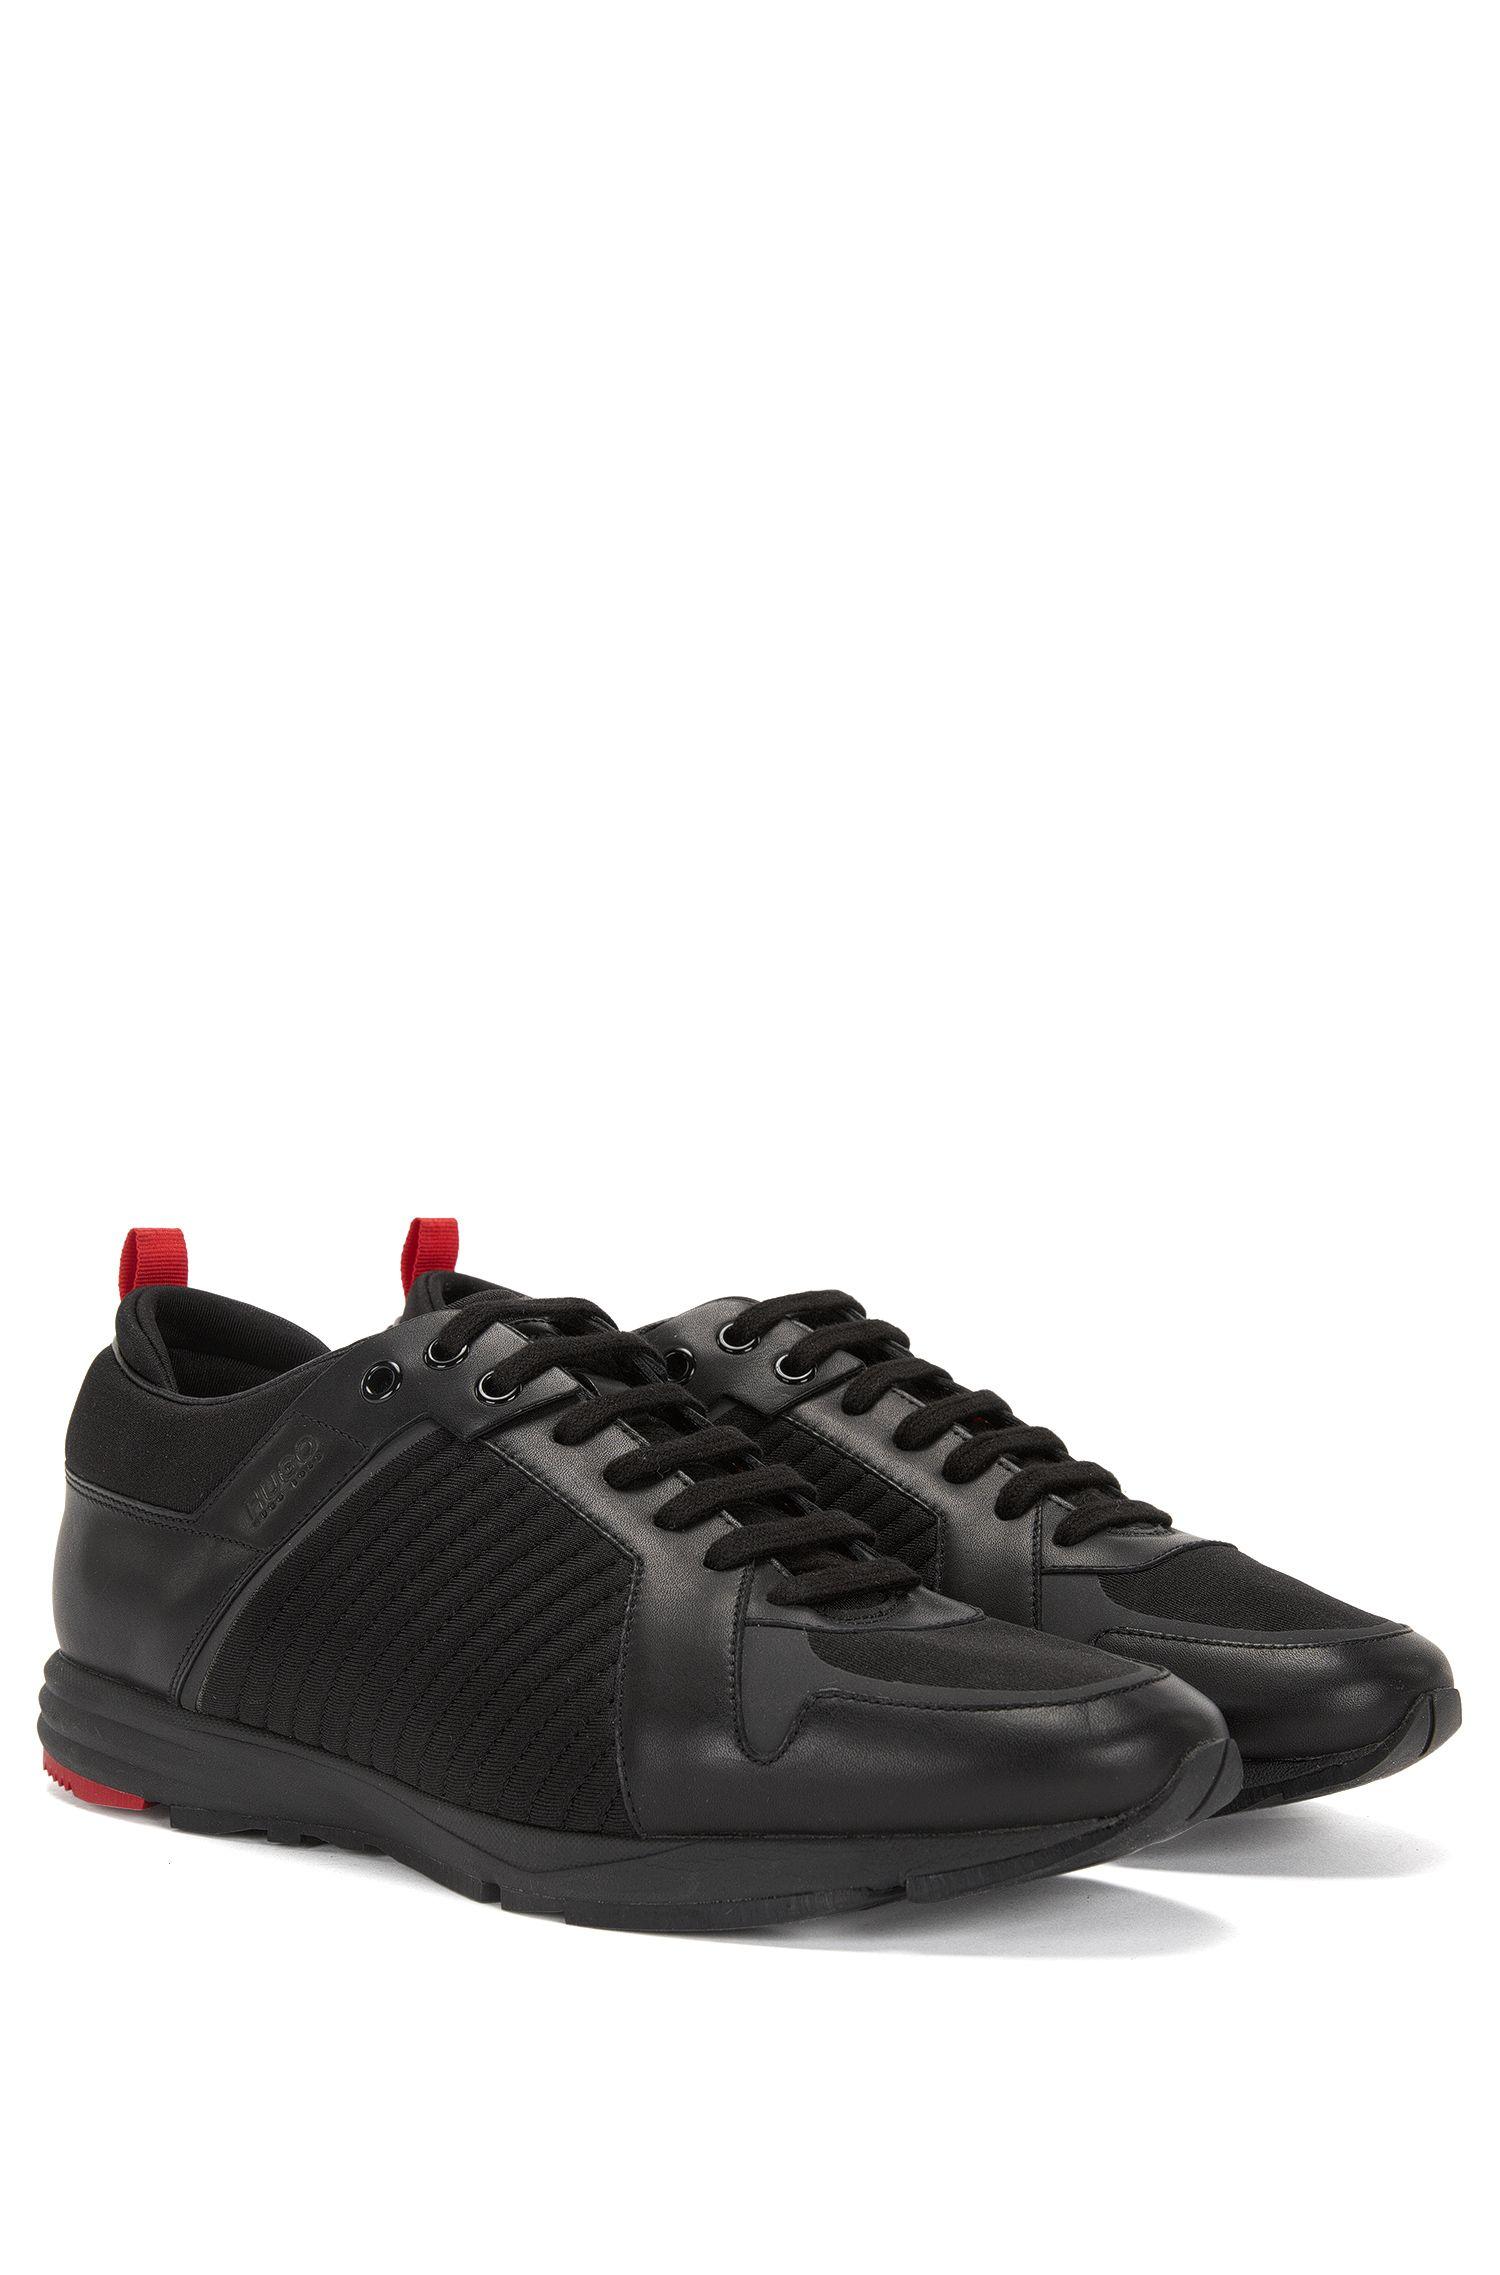 Sneakers van leer en textiel met lichte vibram-loopzool: 'Hybrid_Runn_mxma'